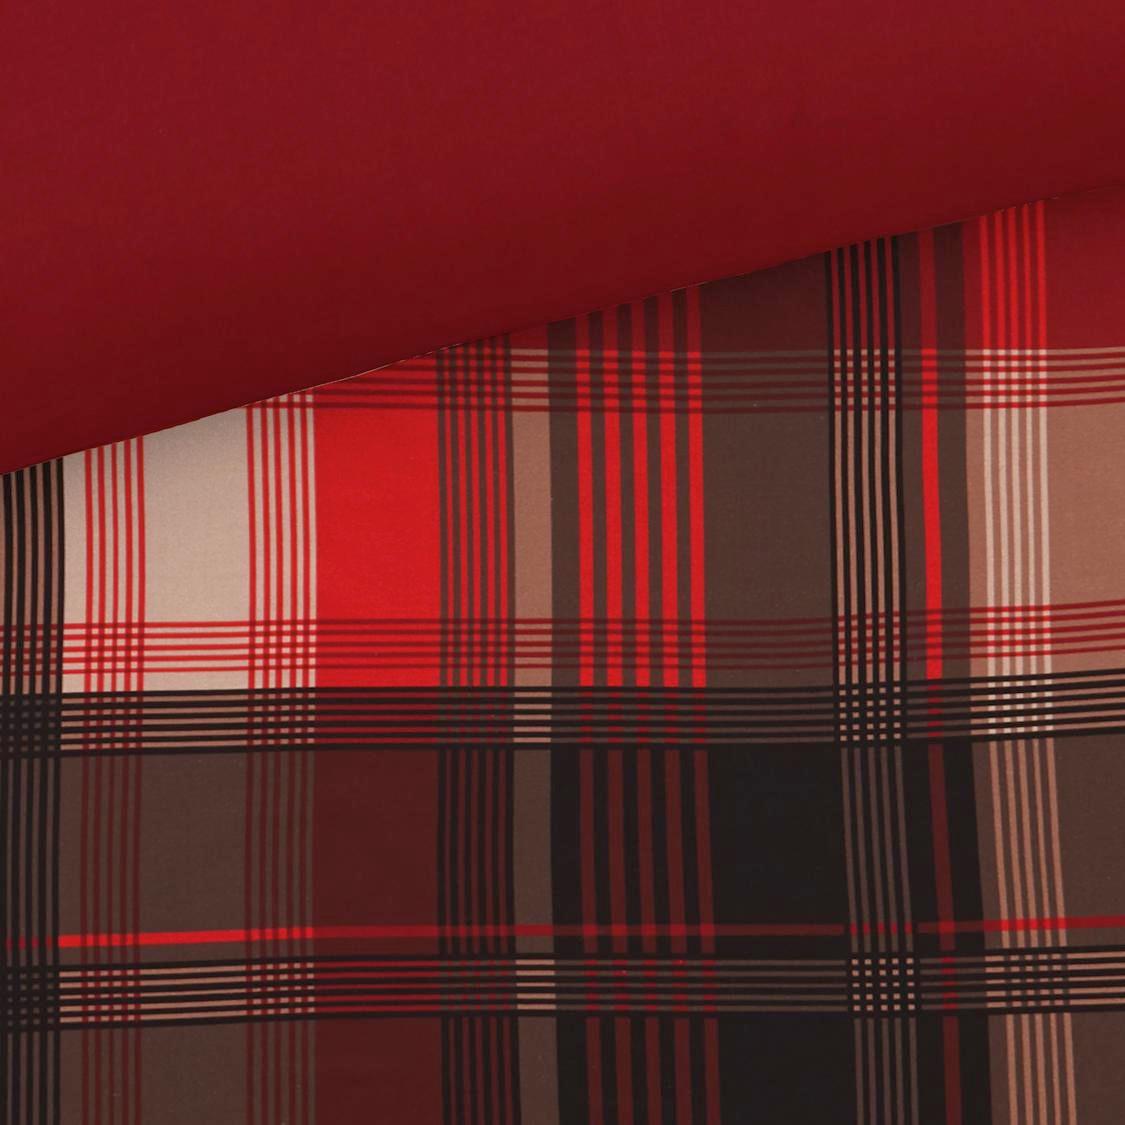 POVLEČENÍ - černá/krémová, Moderní, textil (140/220cm) - LANDSCAPE